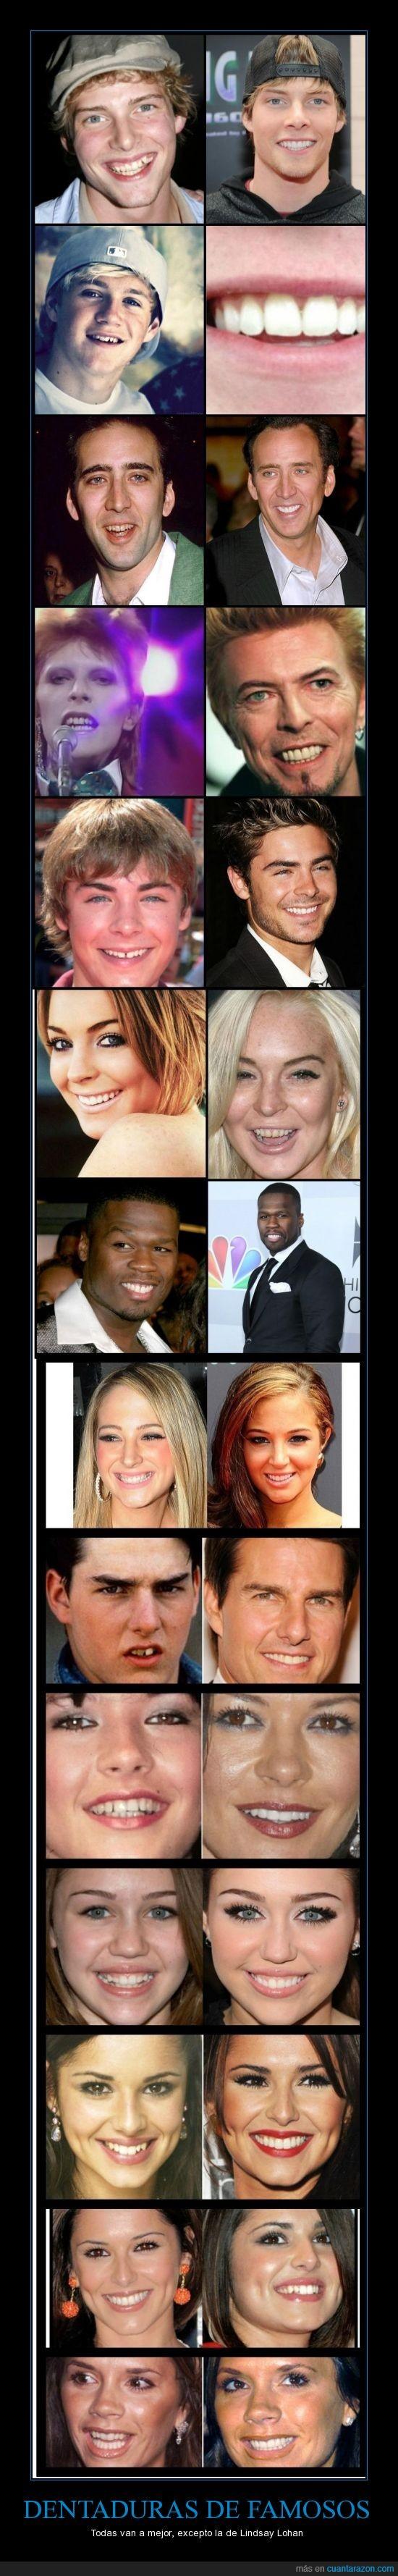 antes,blanquemaiento,Catherine Zeta-Jones,después,dientes,Hunter Parrish,Lindsay Lohan,Miley Cyrus,Niall Horan,Nicolas Cage,ortodoncia,Tom cruise,Zac Efron